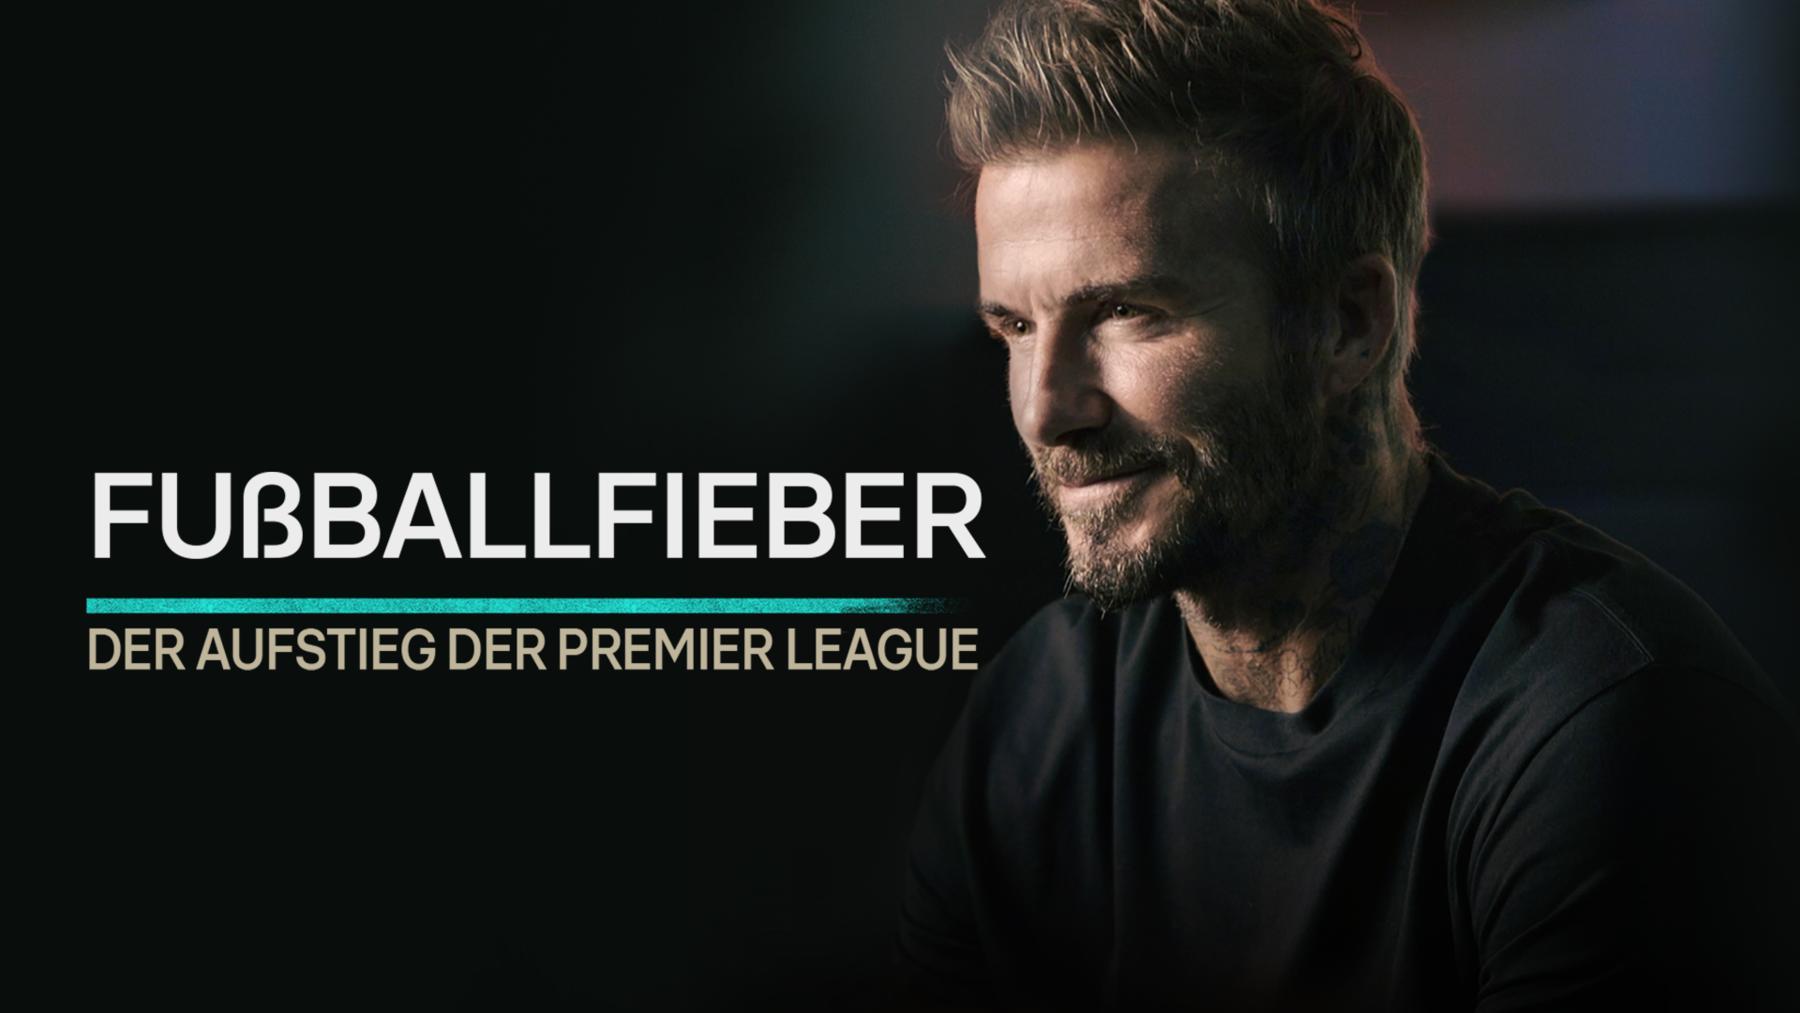 Fußballfieber: Der Aufstieg der Premier League